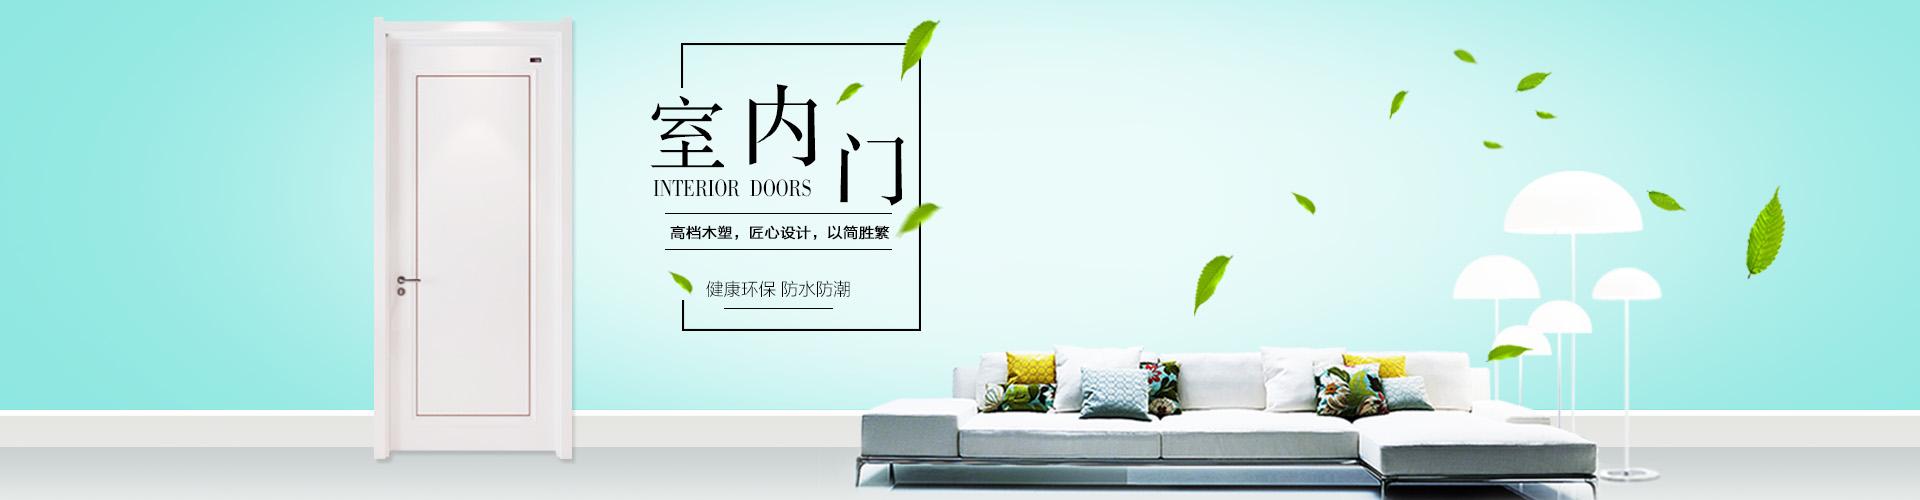 航天香港日本三级在线播放高档木塑室内门、木塑门、室内套装门